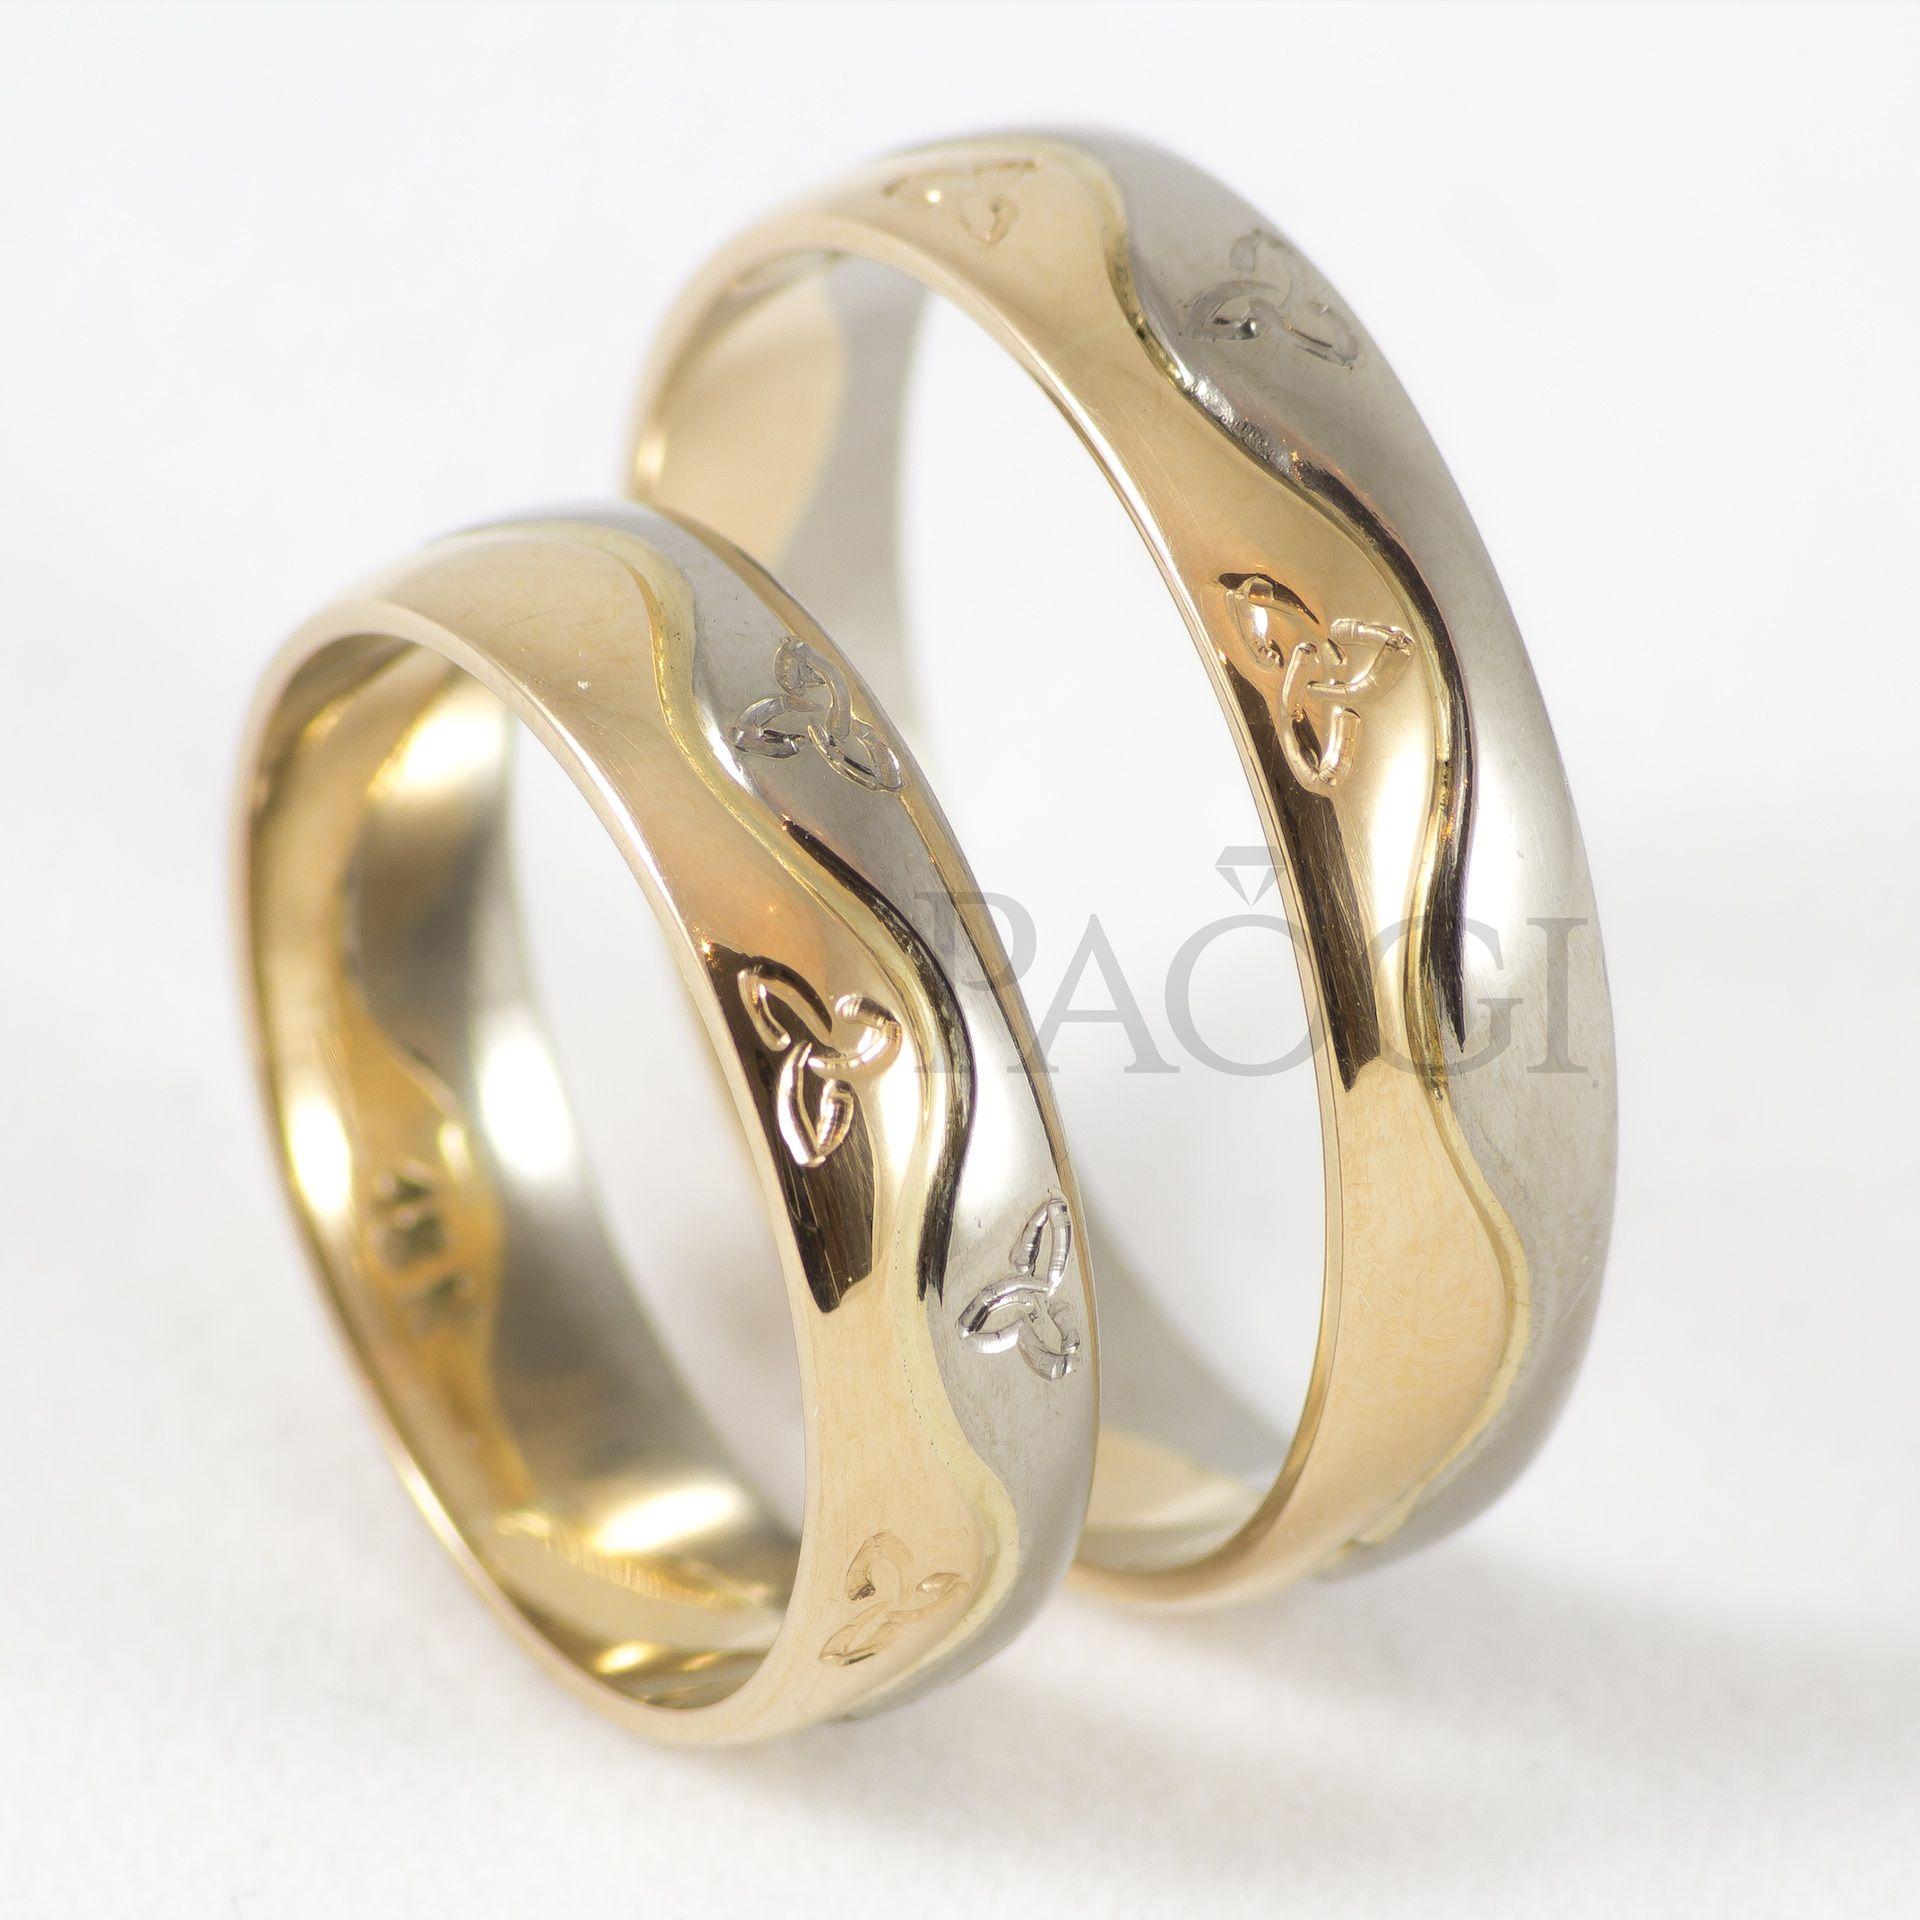 dec58e2ee338 Paogi - Alianzas en Oro Blanco Paladio 18k y Oro Amarillo 18k con Nudos  Celtas Grabados